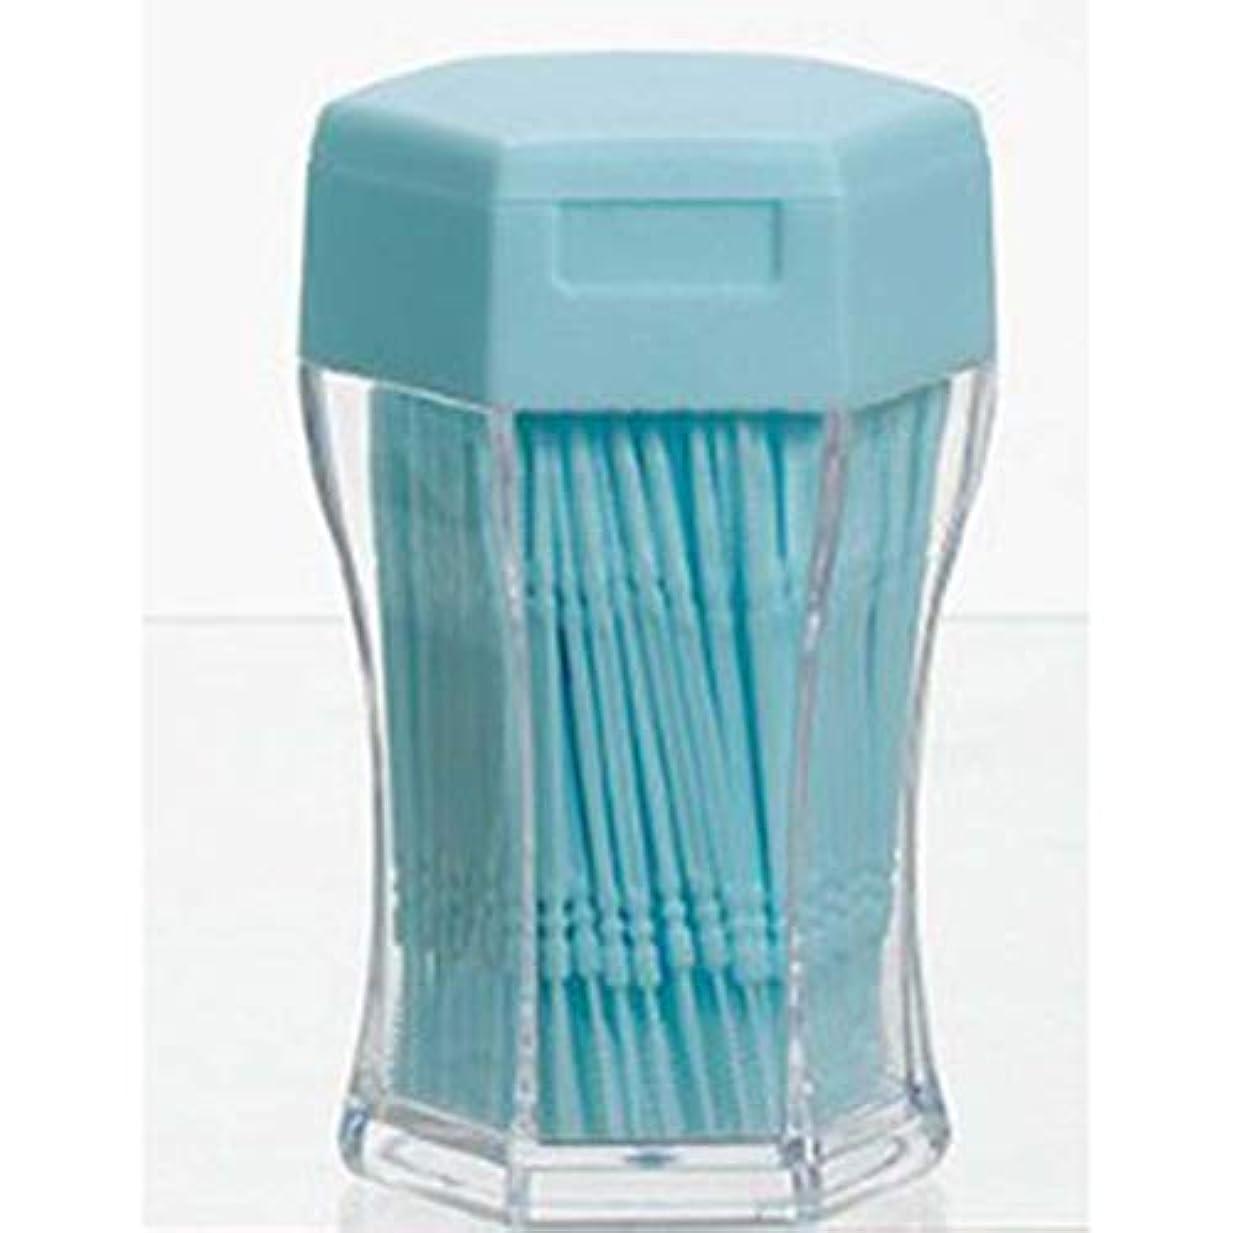 増幅器自治看板200ピース/セットダブルヘッド歯フロス衛生デンタルフロスプラスチック歯間つまようじ健康用歯のクリーニングオーラルケア